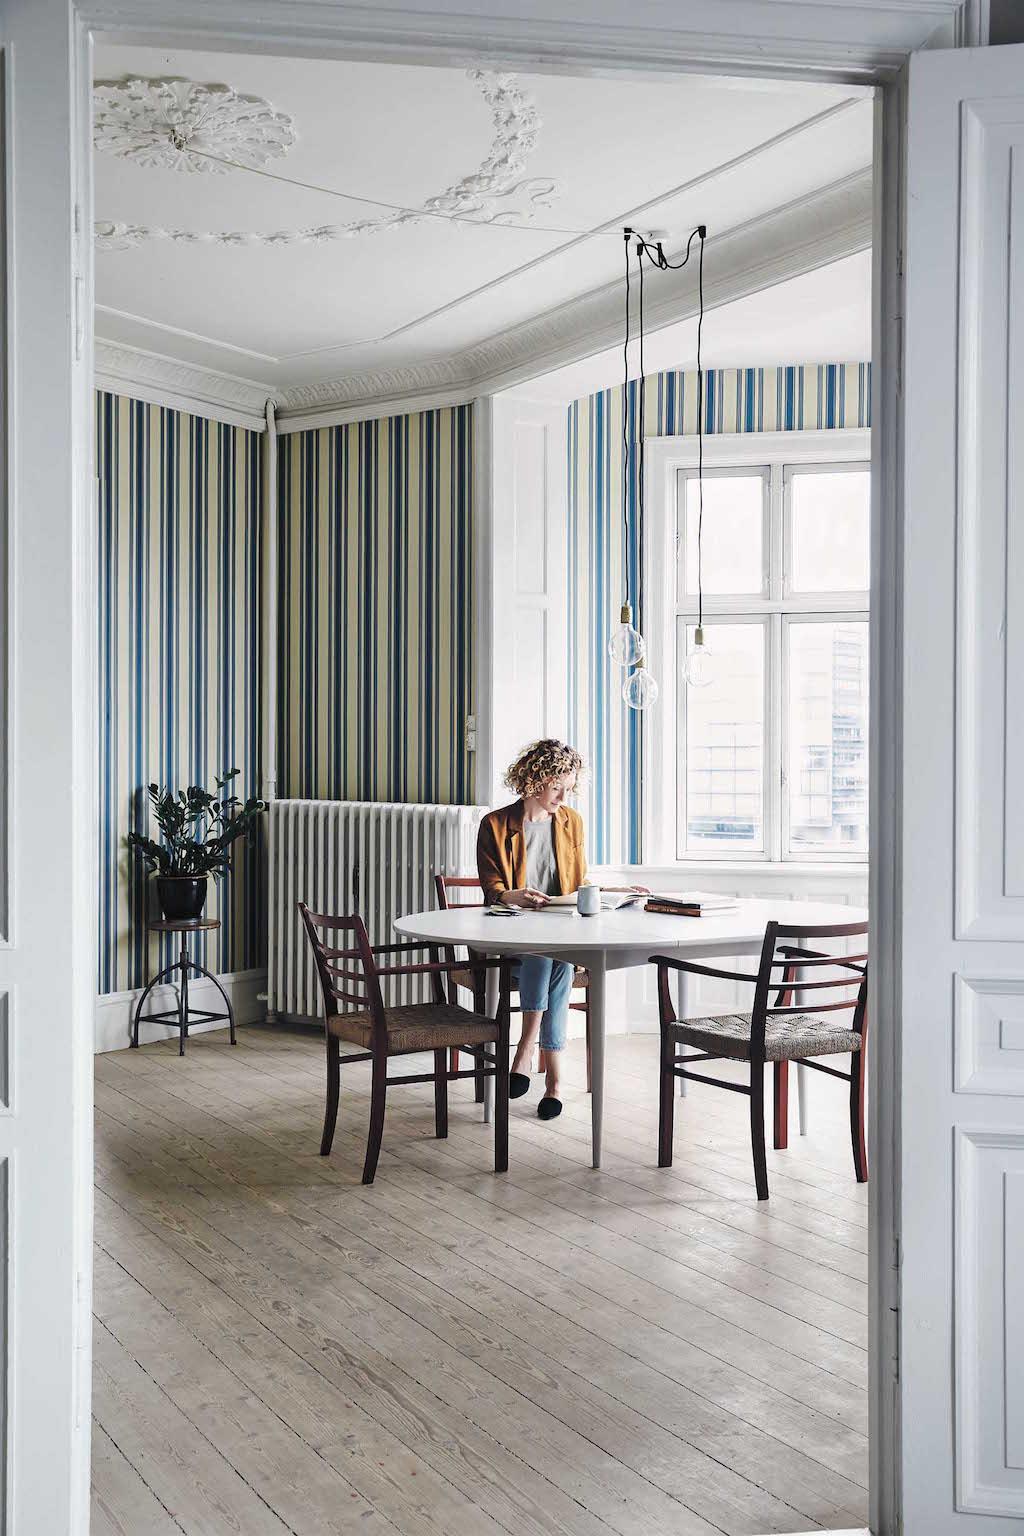 Nathalie Schwer, Kopenhagen Die Stylistin verändert in ihrer Wohnung häu g die Raumauf- teilung und das Mobiliar.